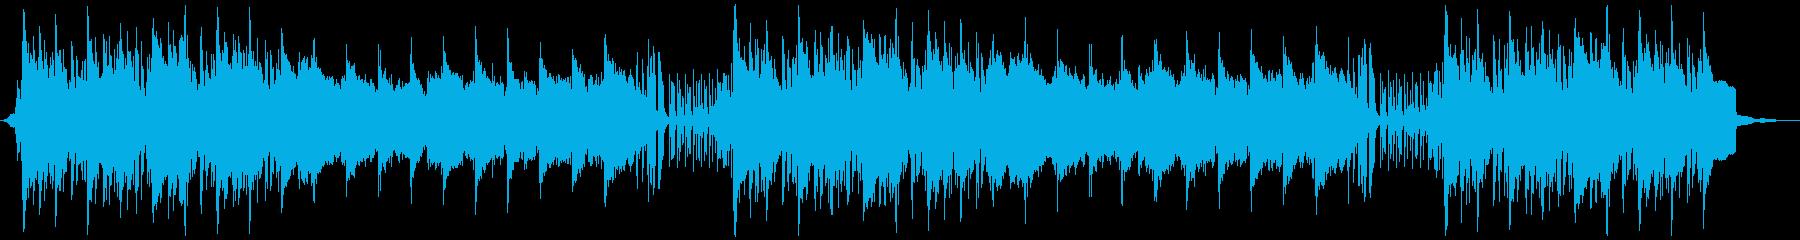 アコーディオンと笛がメインの村BGMの再生済みの波形